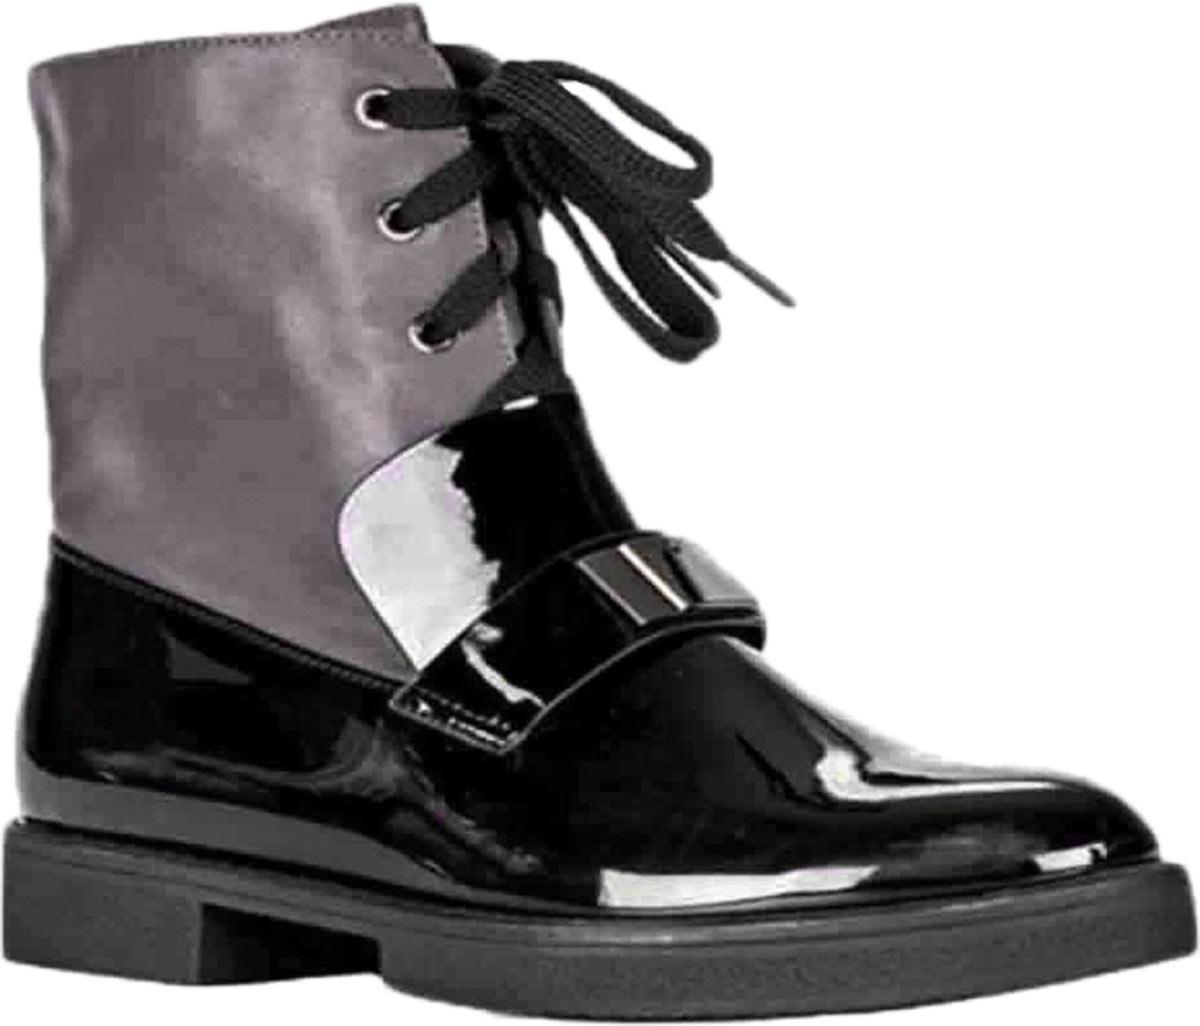 Ботинки женские Vitacci, цвет: черный, серый. 83468. Размер 3883468Удобные женские ботинки от Vitacci изготовлены из качественной искусственной кожи. Высокие ботинки выполнены с удобной шнуровкой. Практичная стелька из ворсина обеспечит комфорт при носке.